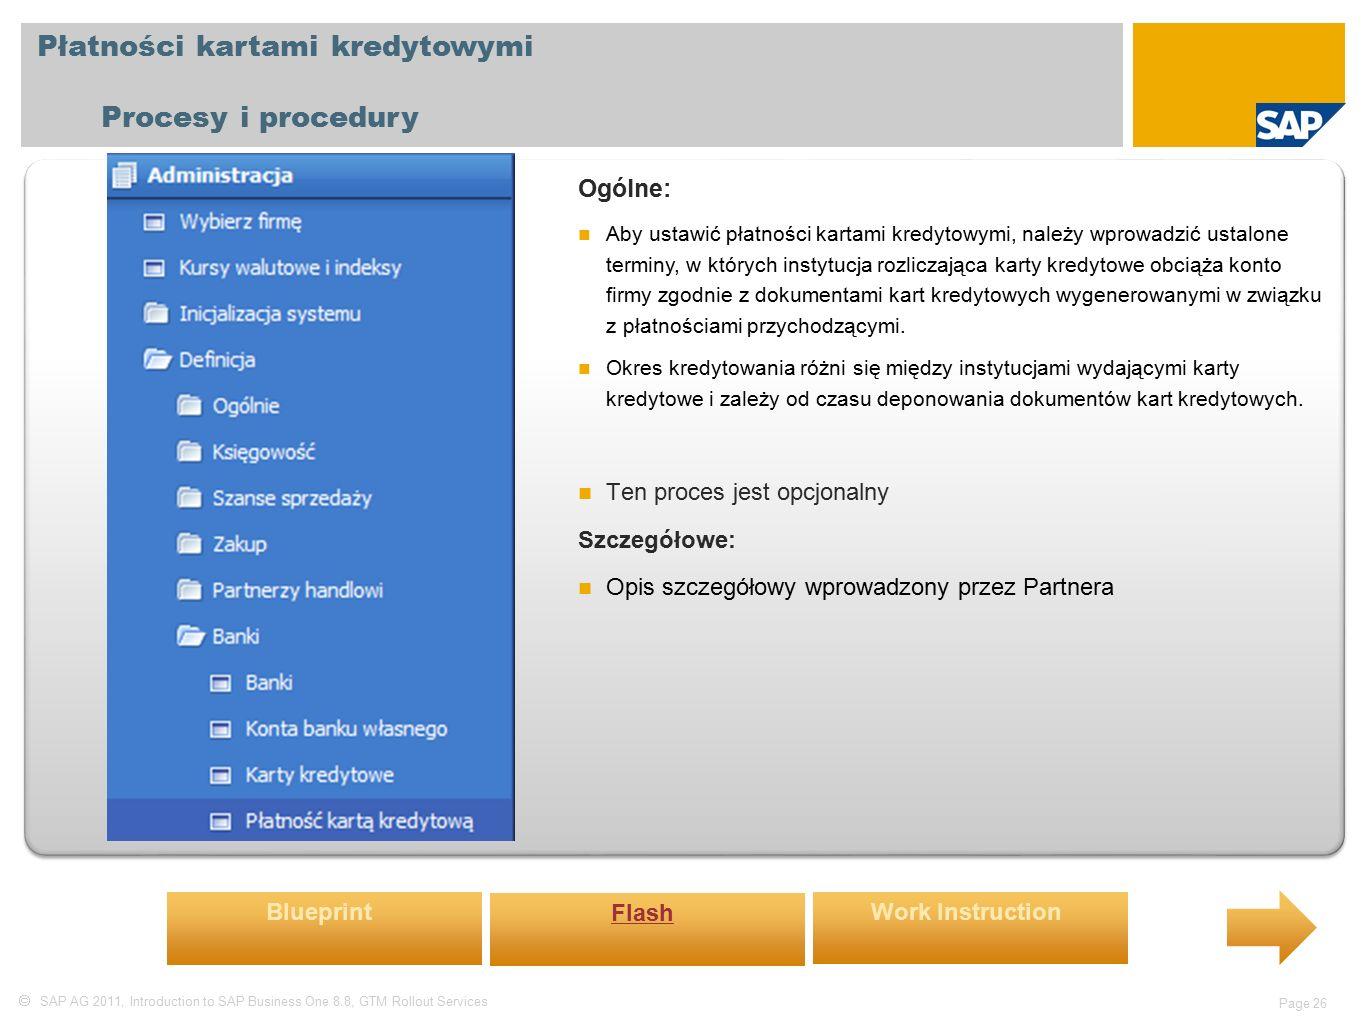  SAP AG 2011, Introduction to SAP Business One 8.8, GTM Rollout Services Page 26 Płatności kartami kredytowymi Procesy i procedury Ogólne: Aby ustawić płatności kartami kredytowymi, należy wprowadzić ustalone terminy, w których instytucja rozliczająca karty kredytowe obciąża konto firmy zgodnie z dokumentami kart kredytowych wygenerowanymi w związku z płatnościami przychodzącymi.